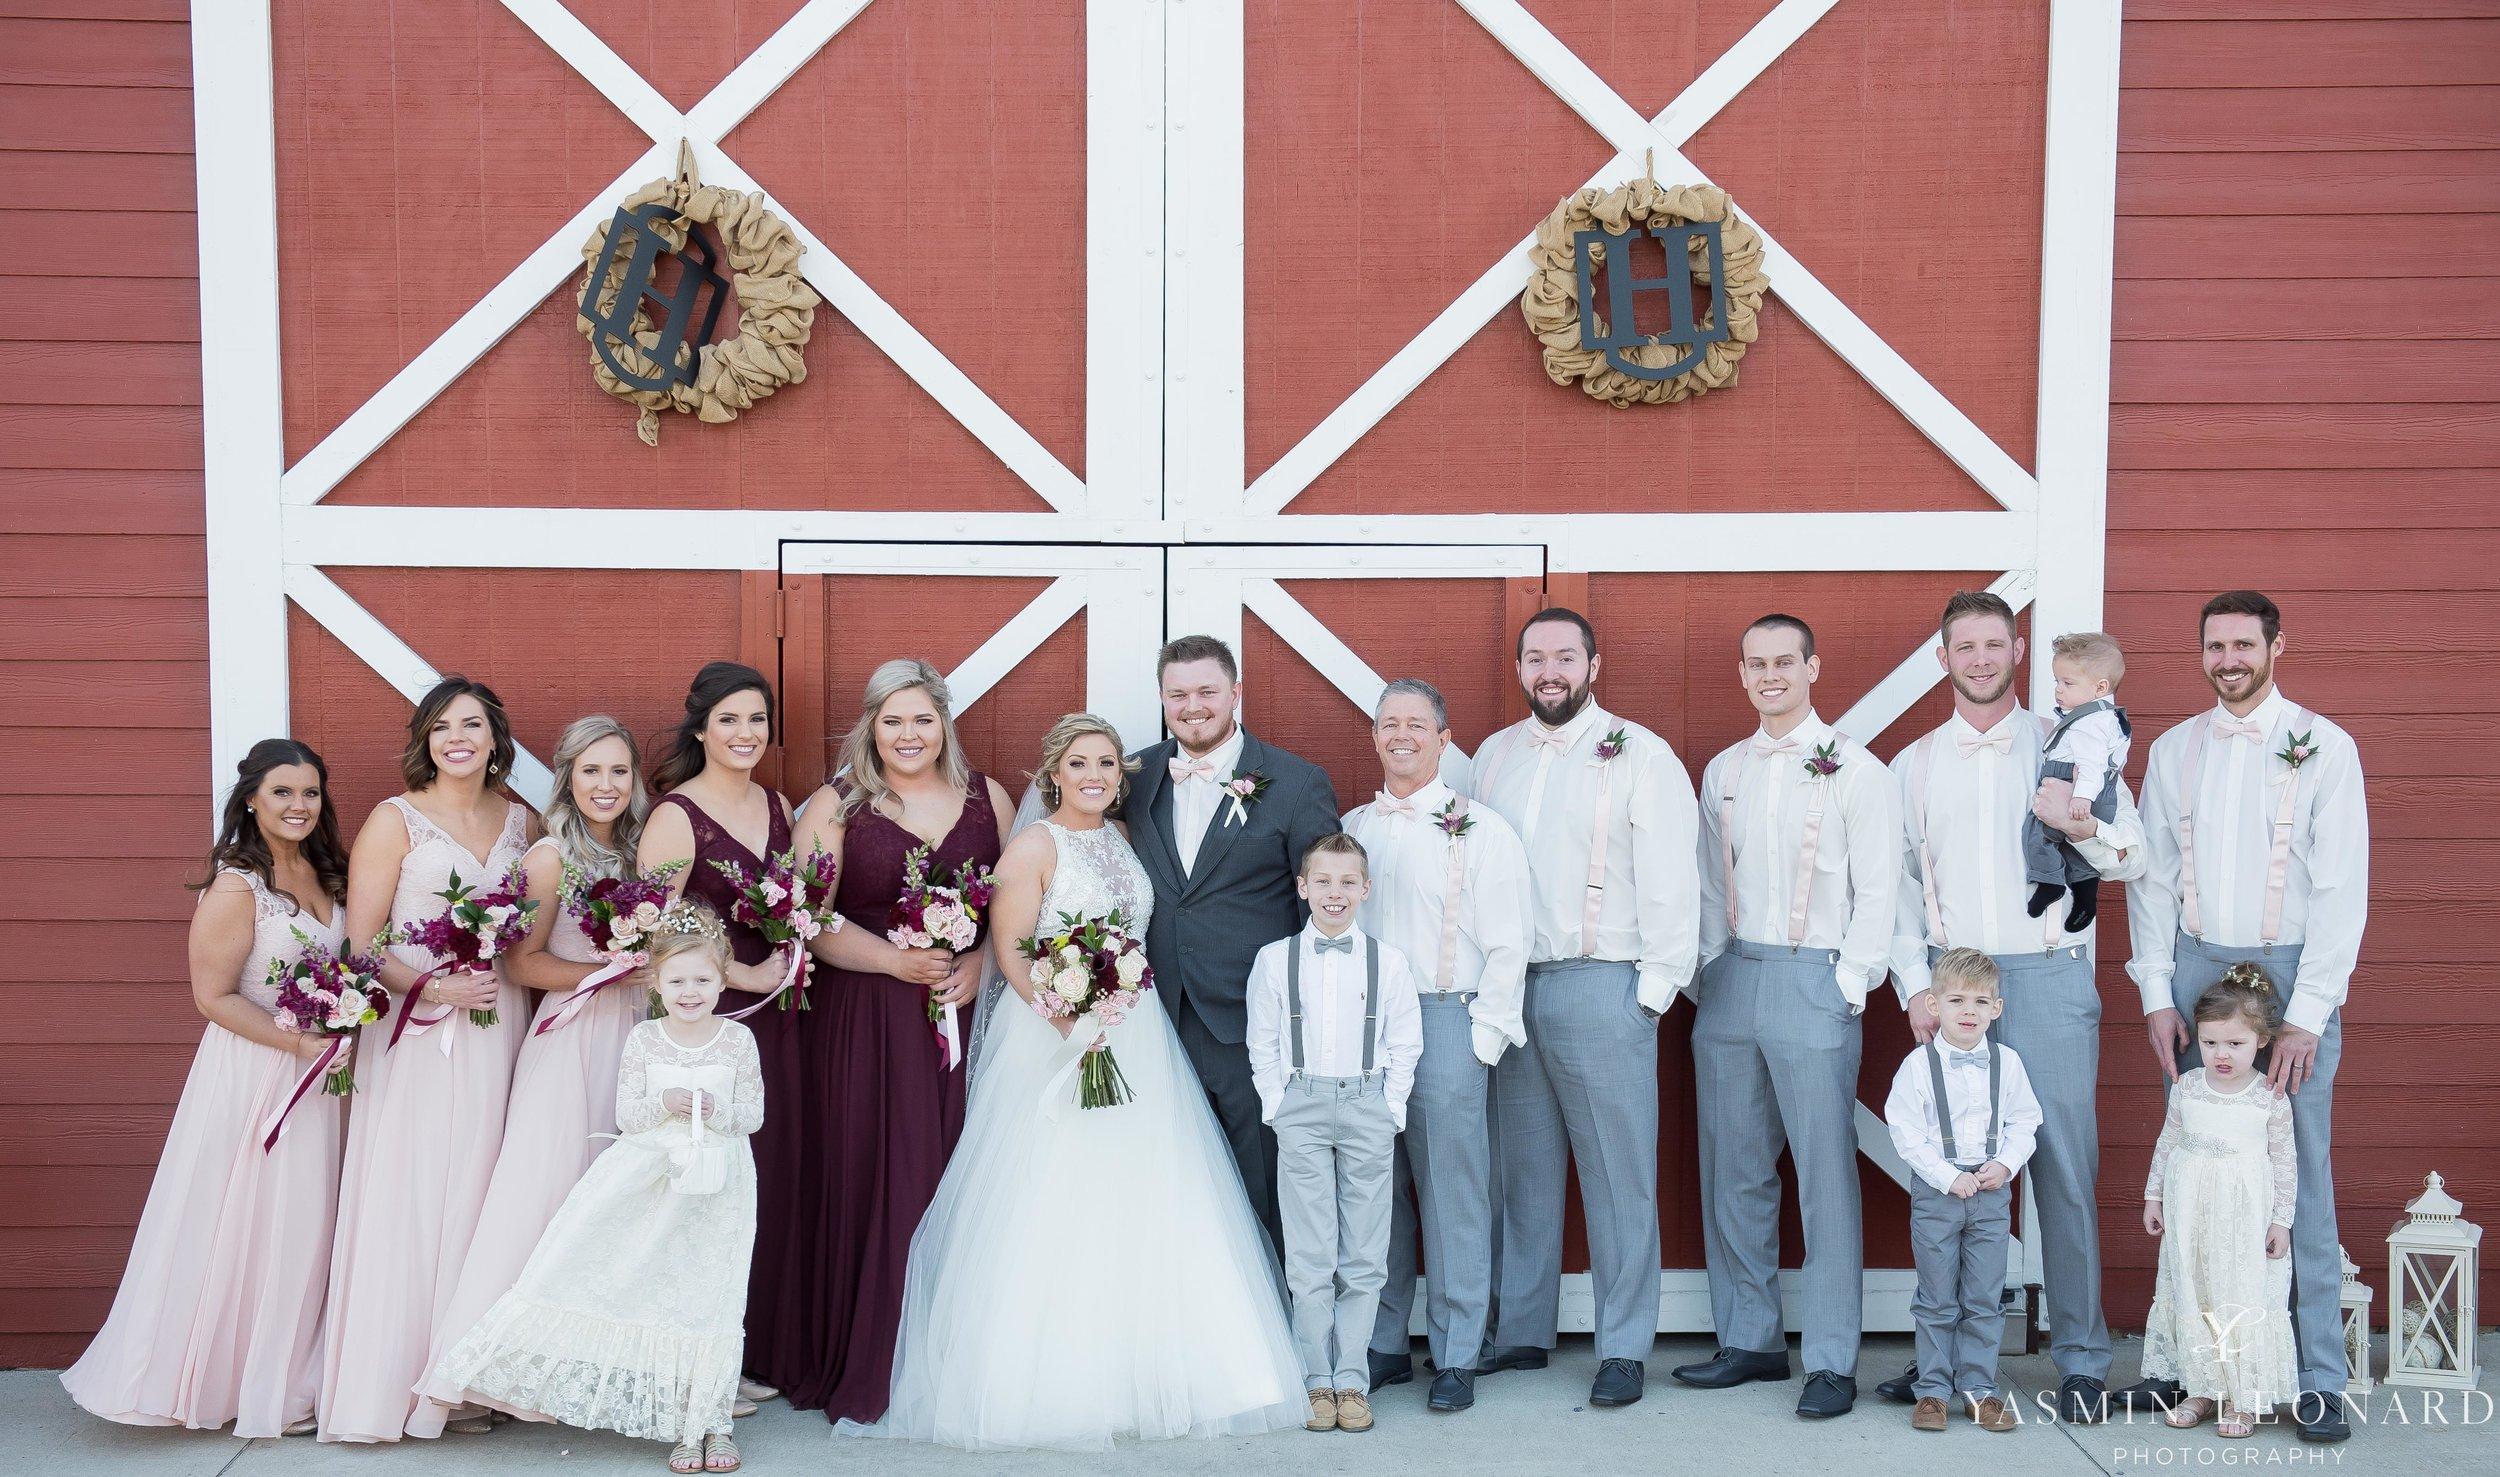 Millikan Farms - Millikan Farms Wedding - Sophia NC Wedding - NC Wedding - NC Wedding Photographer - Yasmin Leonard Photography - High Point Photographer - Barn Wedding - Wedding Venues in NC - Triad Wedding Photographer-52.jpg